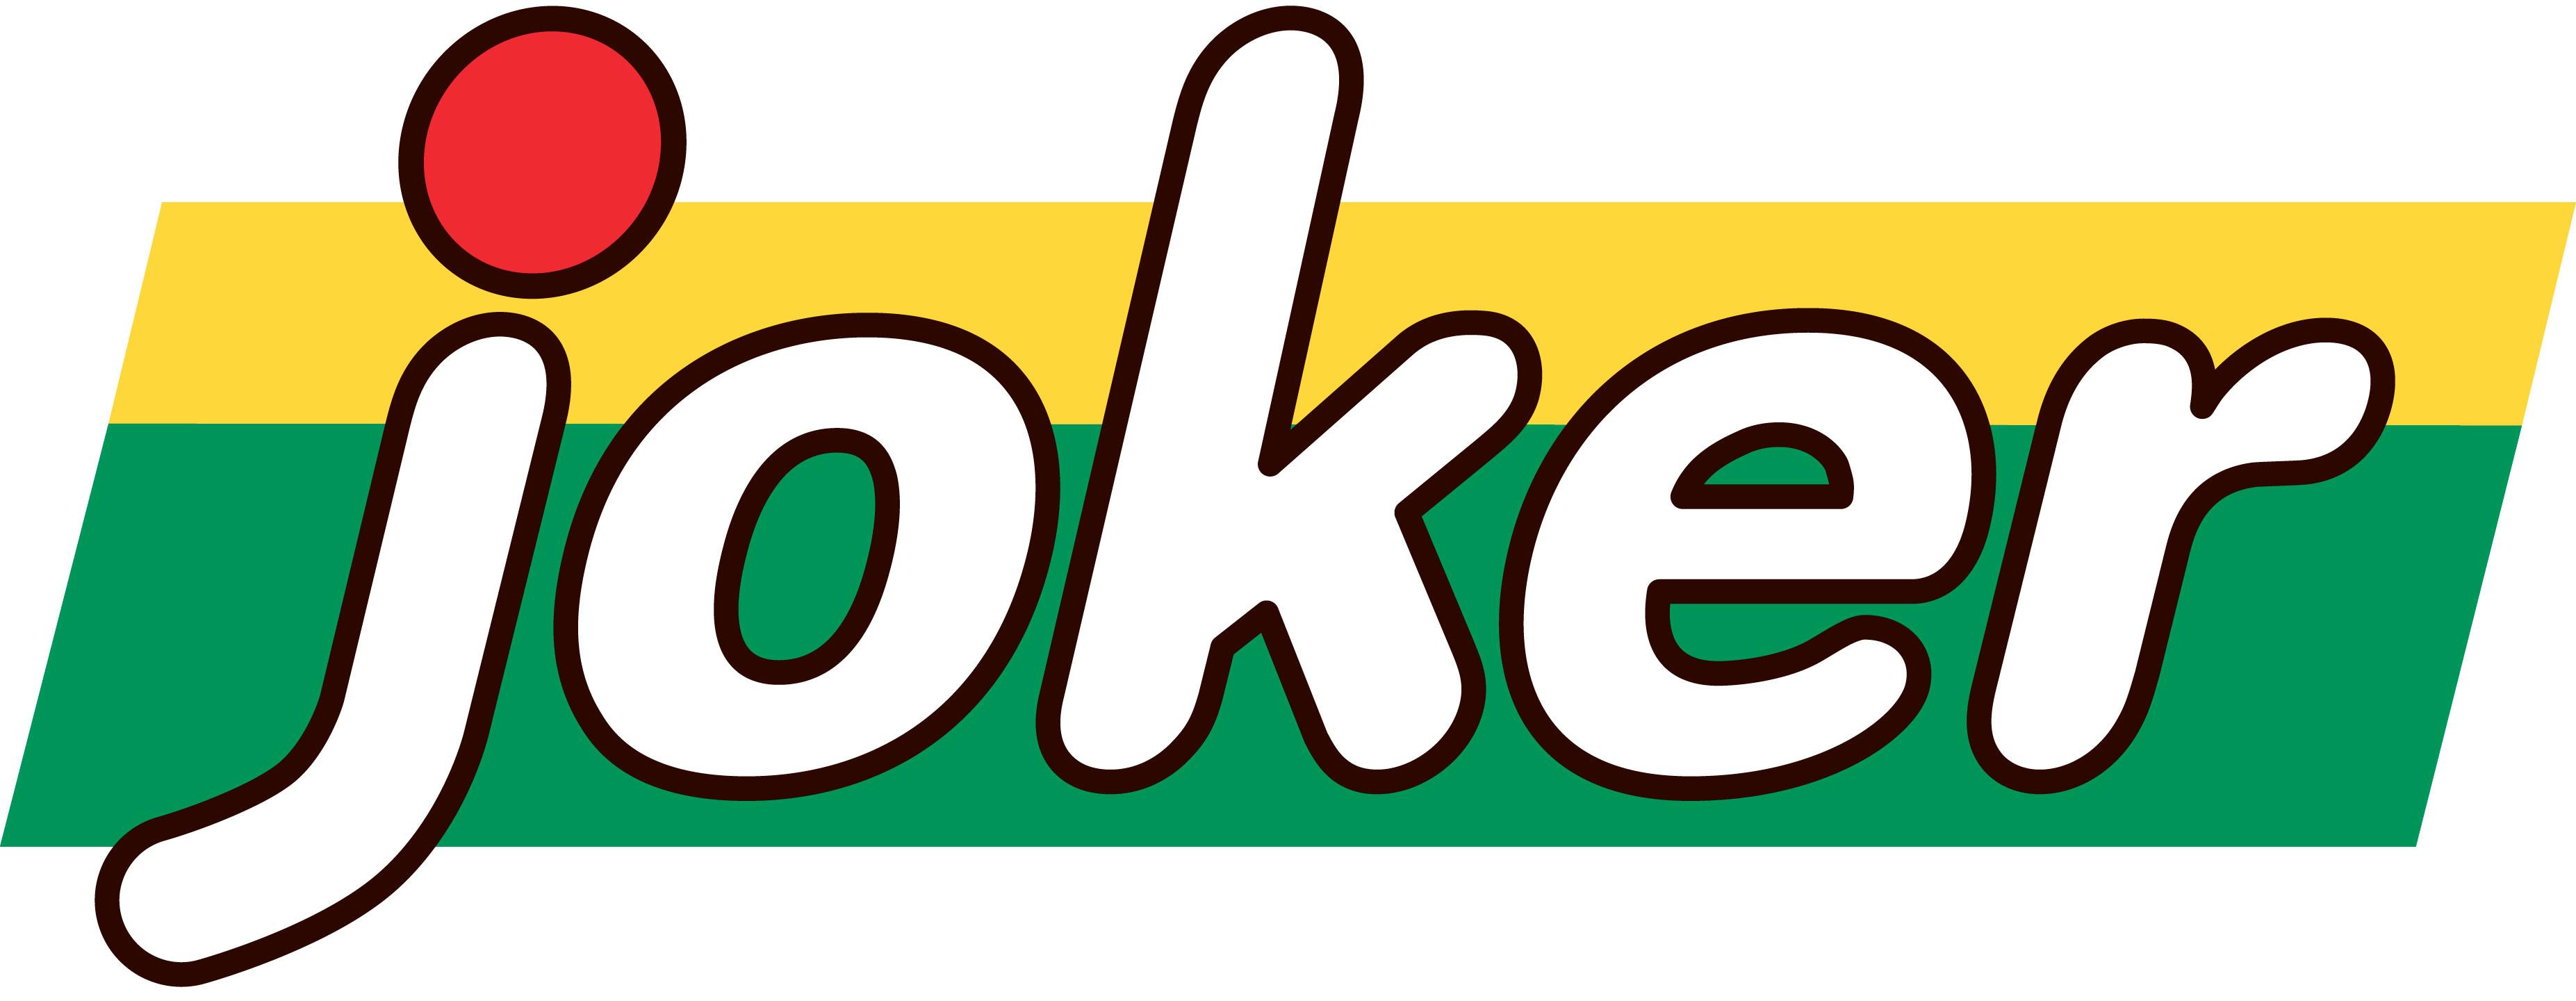 Joker Hongsand